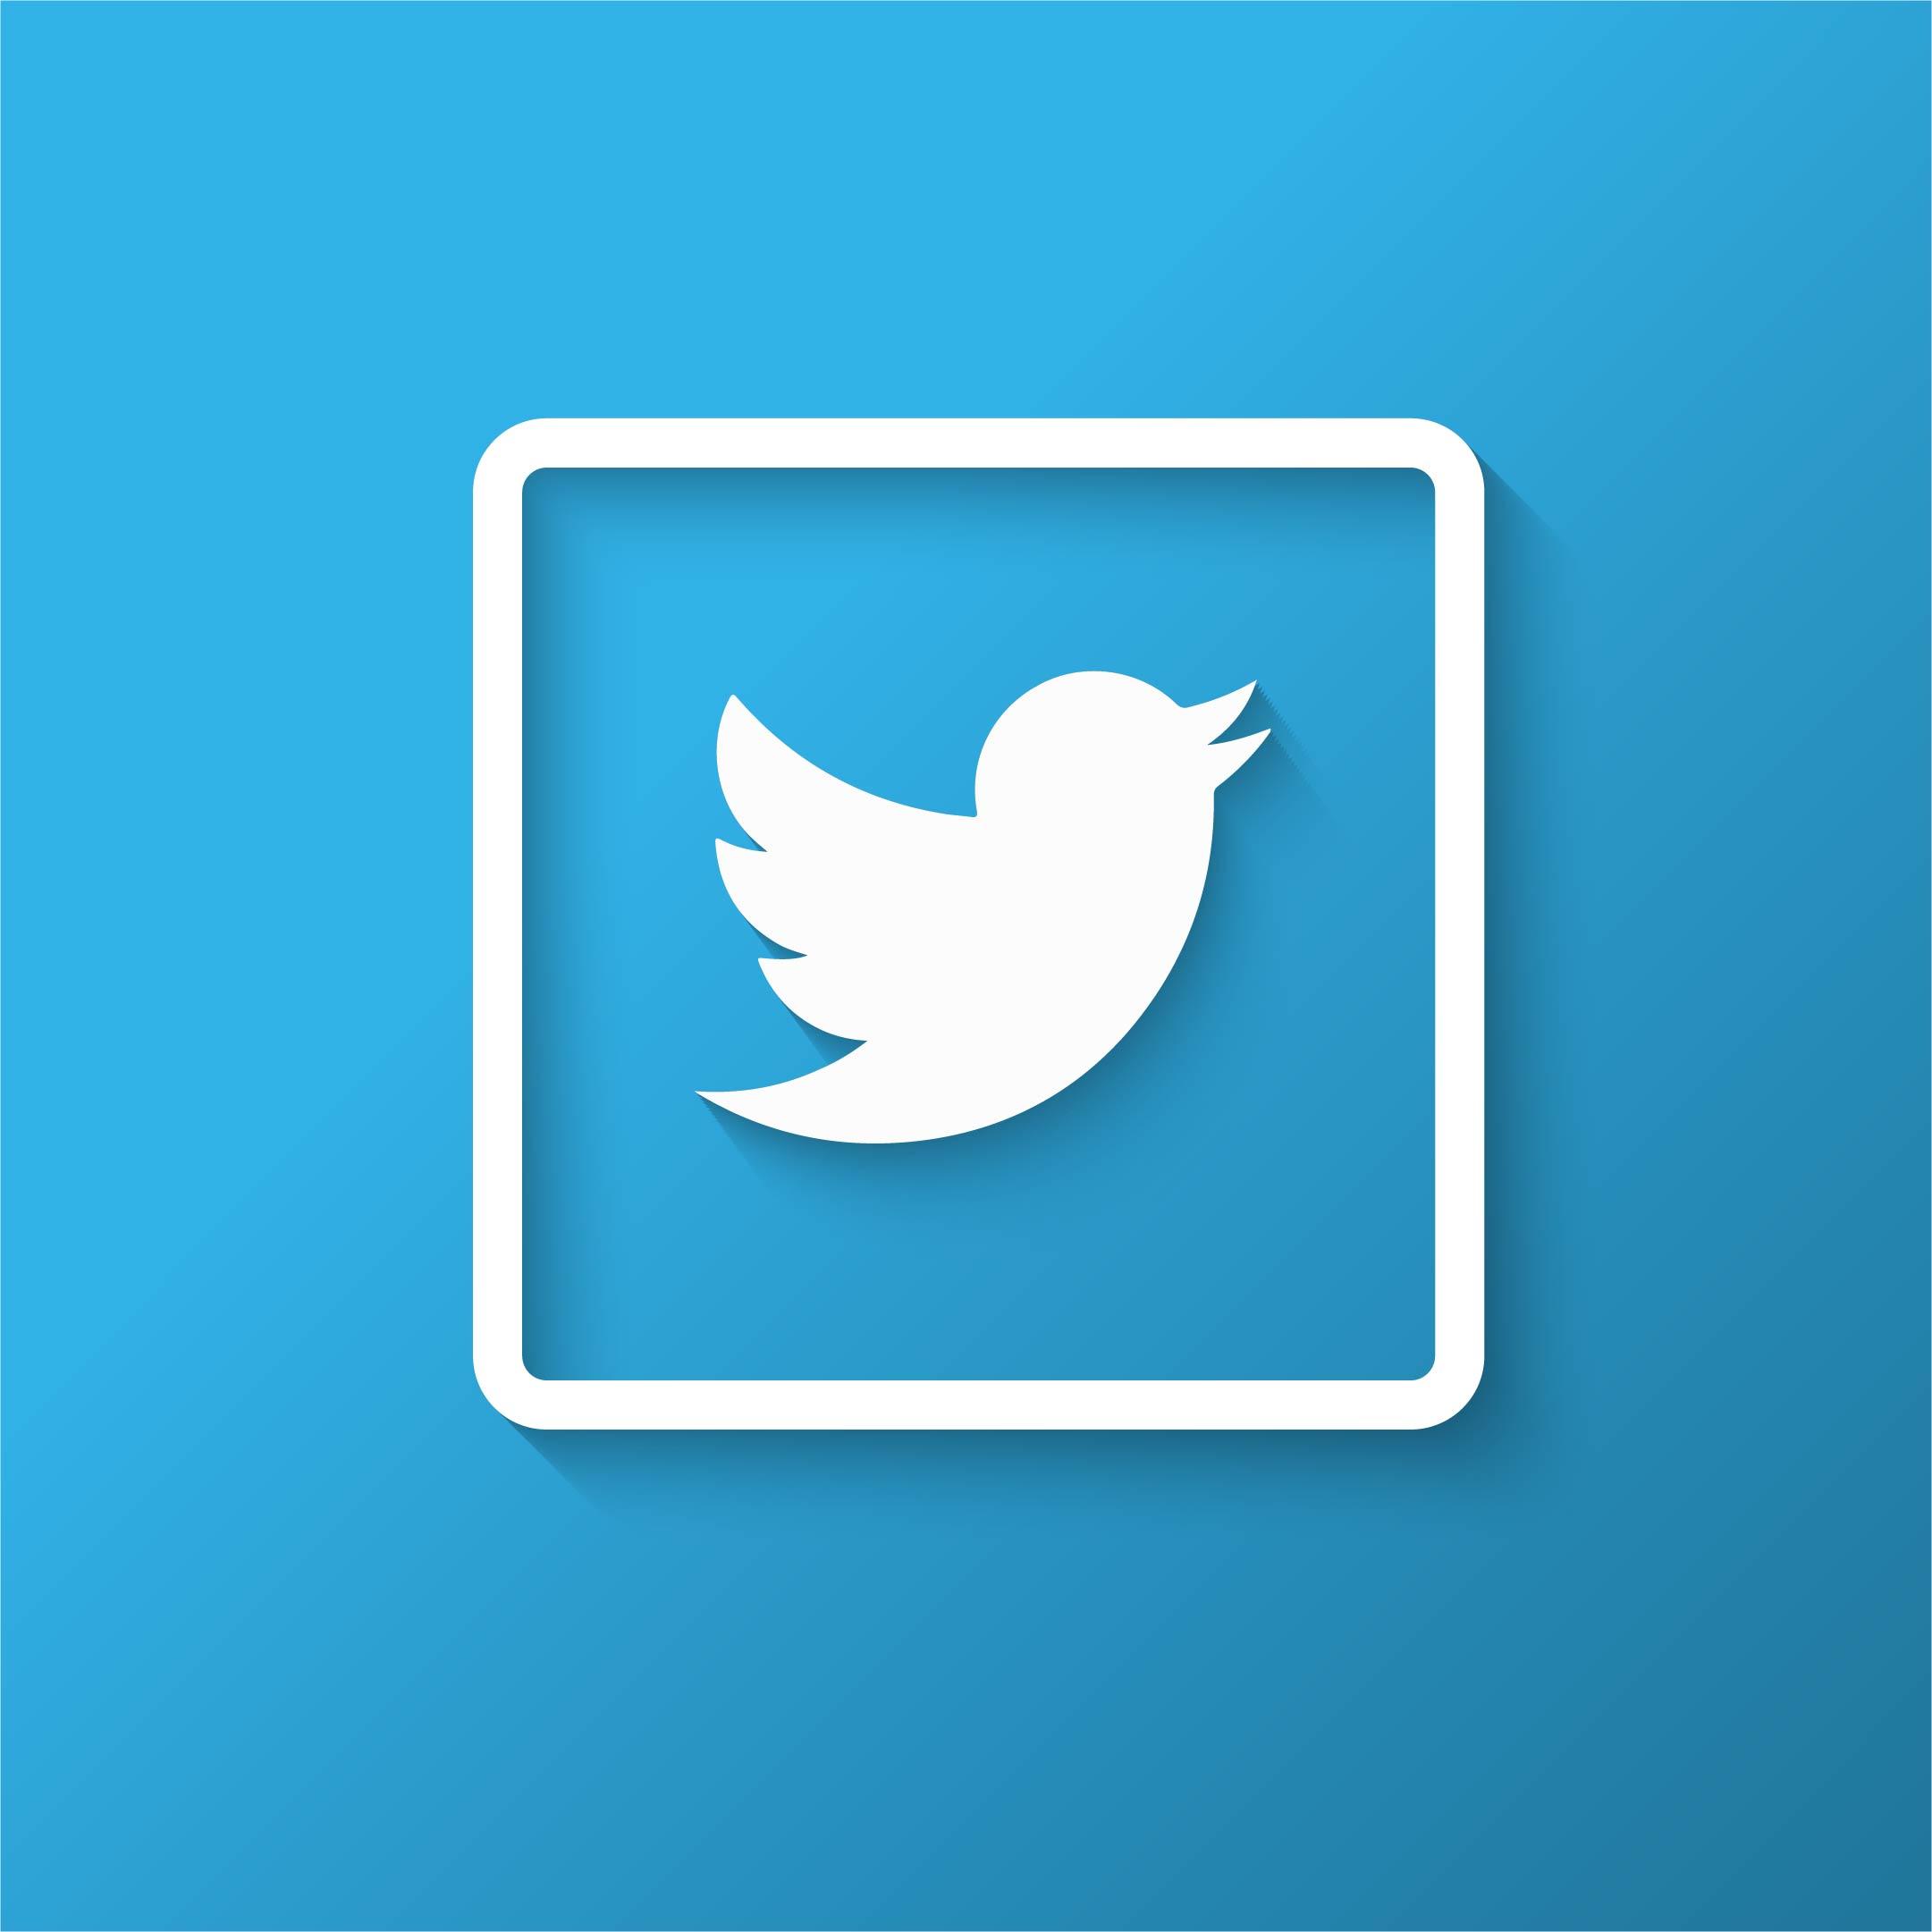 ブログ初心者にTwitterが必要な理由5つ【 2020年 】